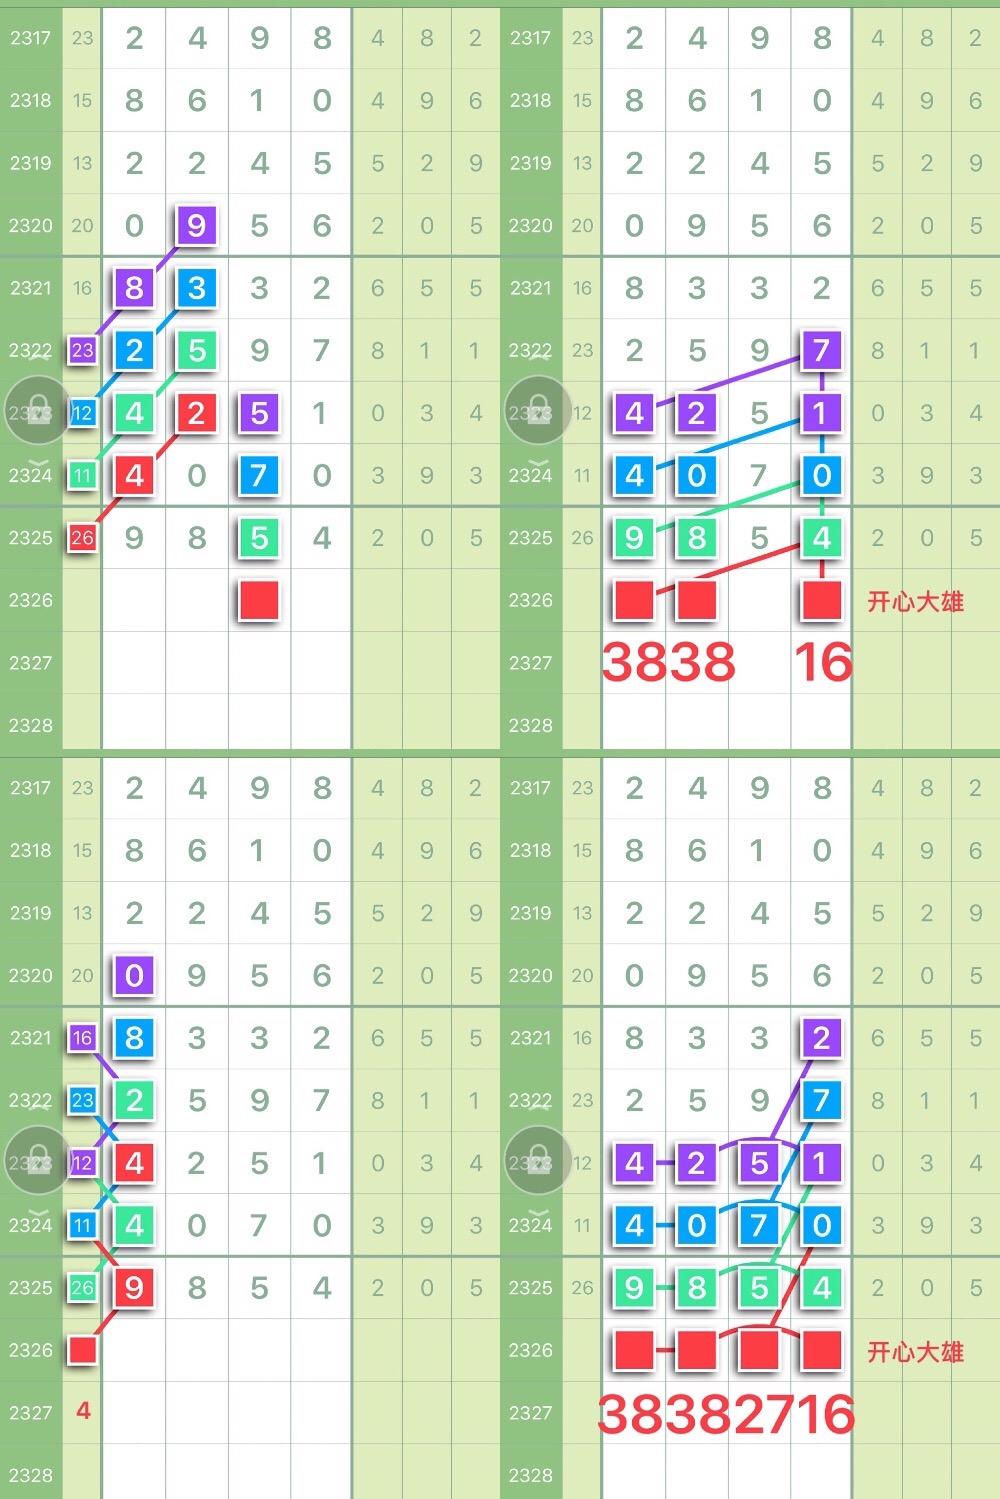 143848B3-544F-405C-8FEB-121BFF090E72.jpeg